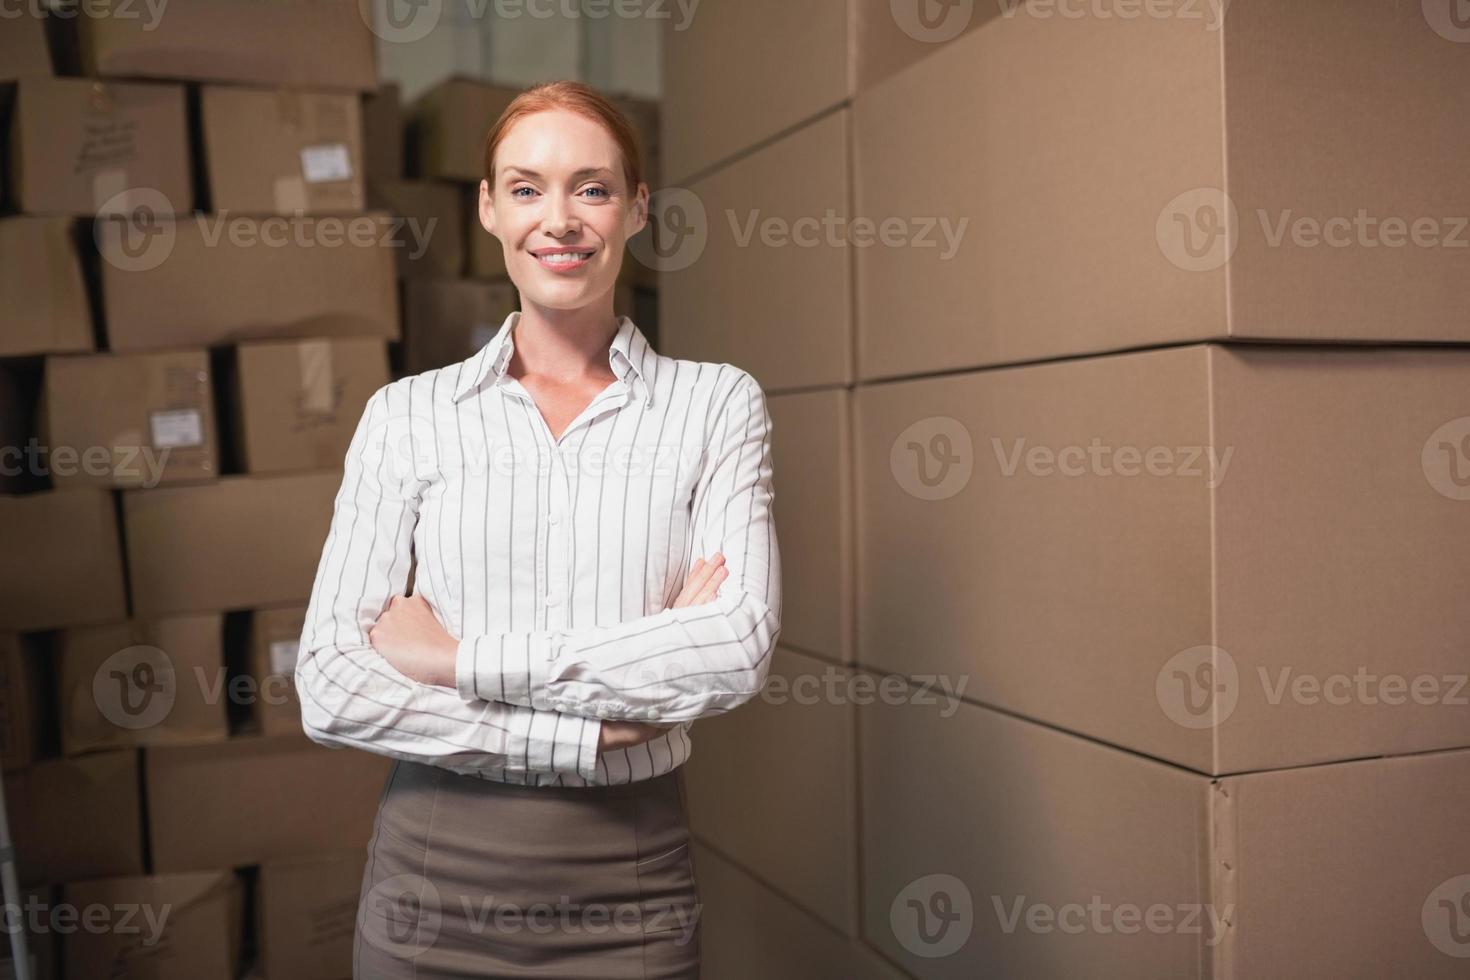 vrouwelijke manager met gekruiste armen in magazijn foto